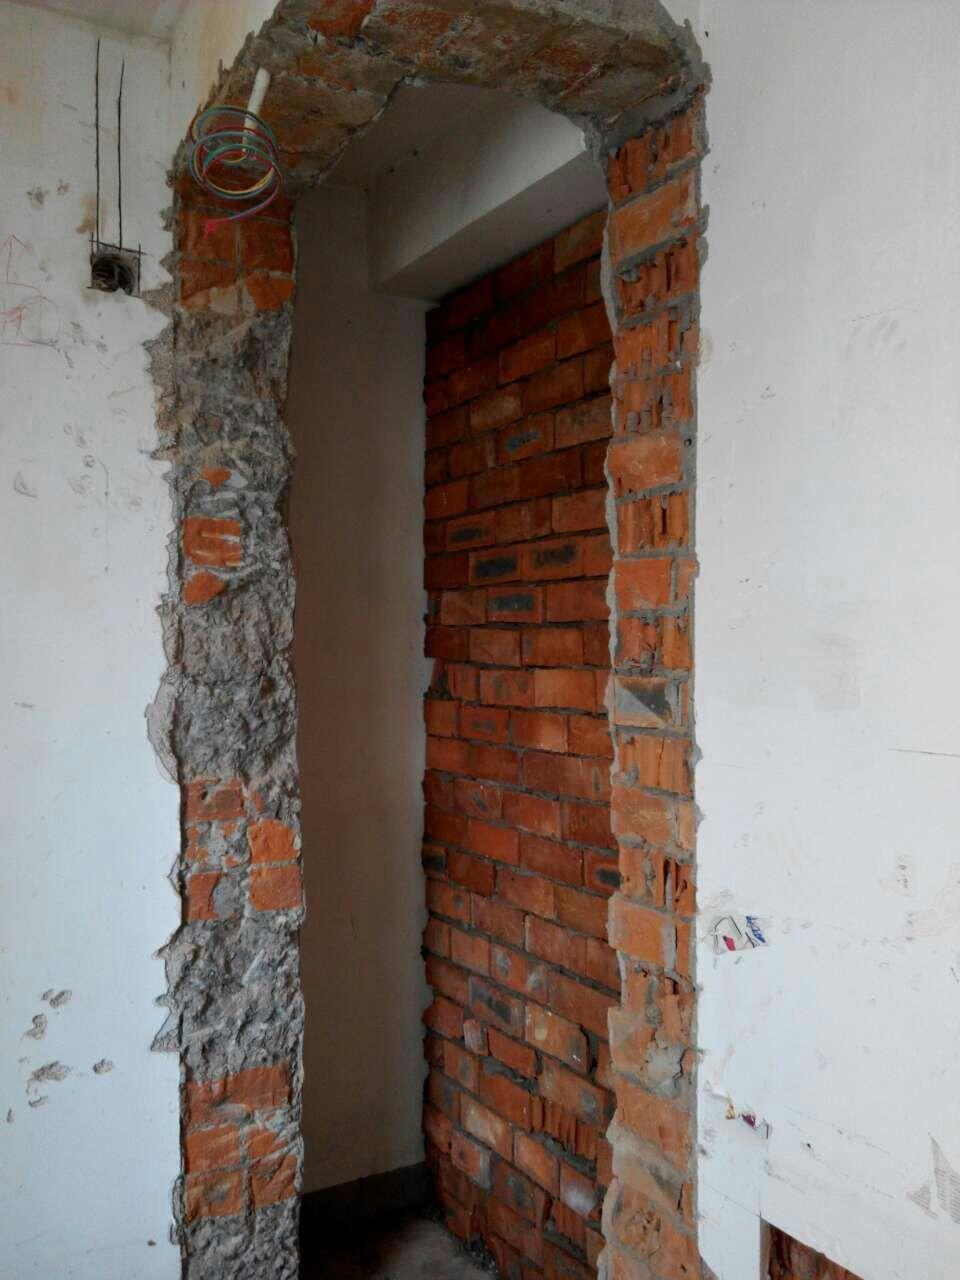 请专业人士说下我的房子是砖混结构还是框架结构,房子